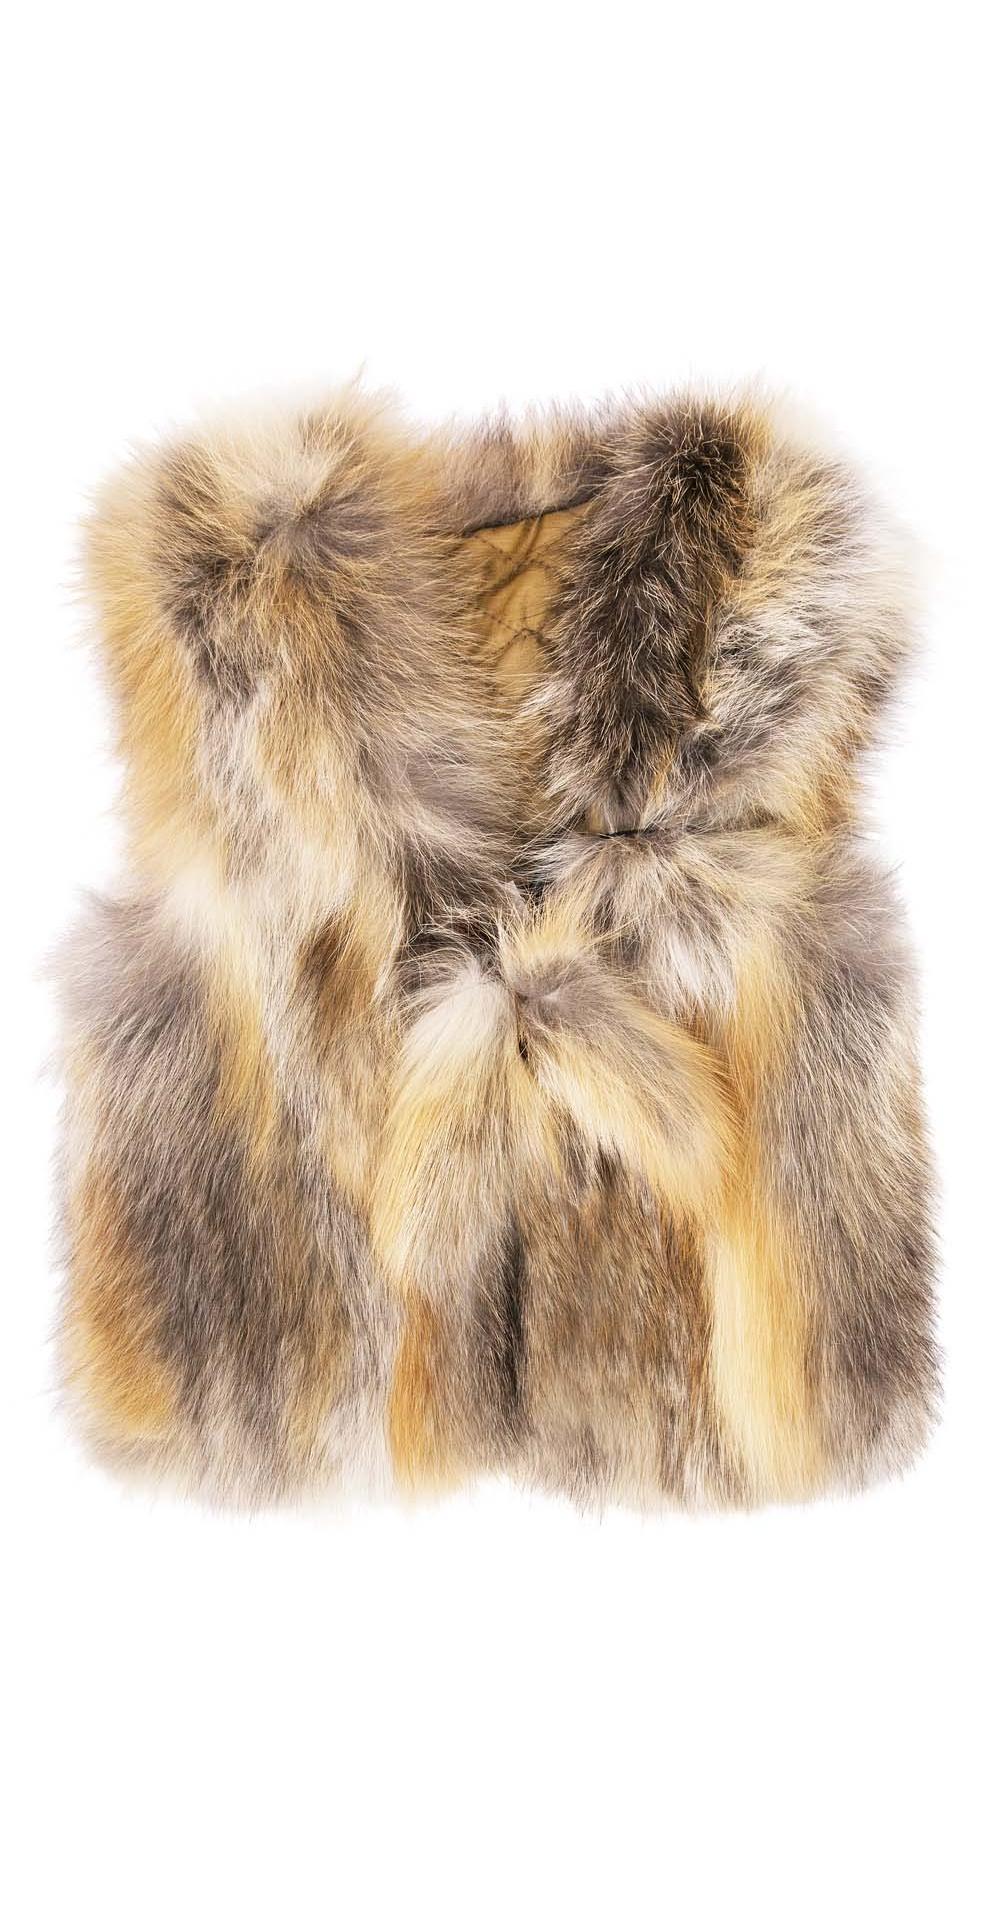 Жилет детский из меха лисы, цвет: Натуральный (лиса) - купить за 5800 в магазине - Гипермаркет меха